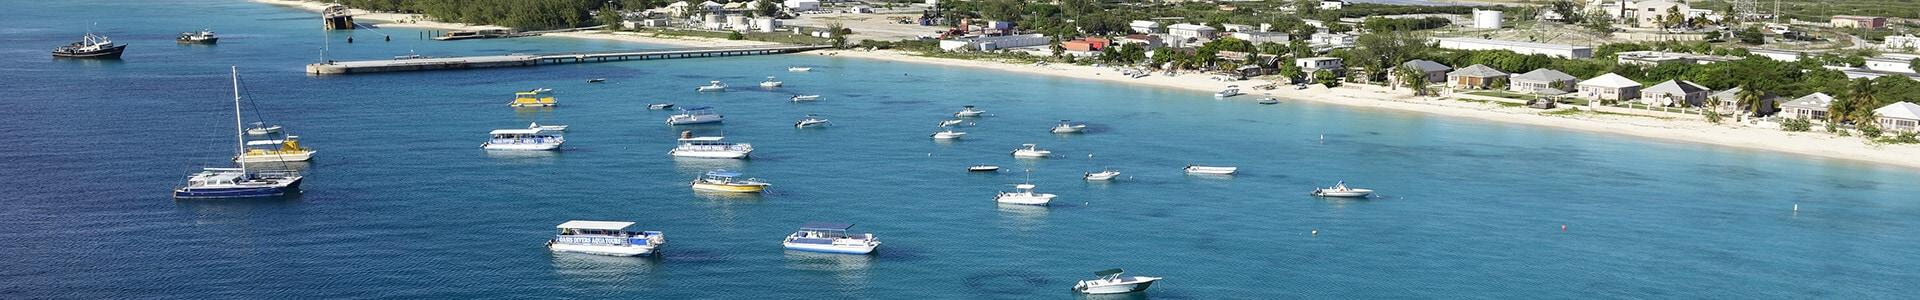 Voyage à Turques et Caiques - TUI